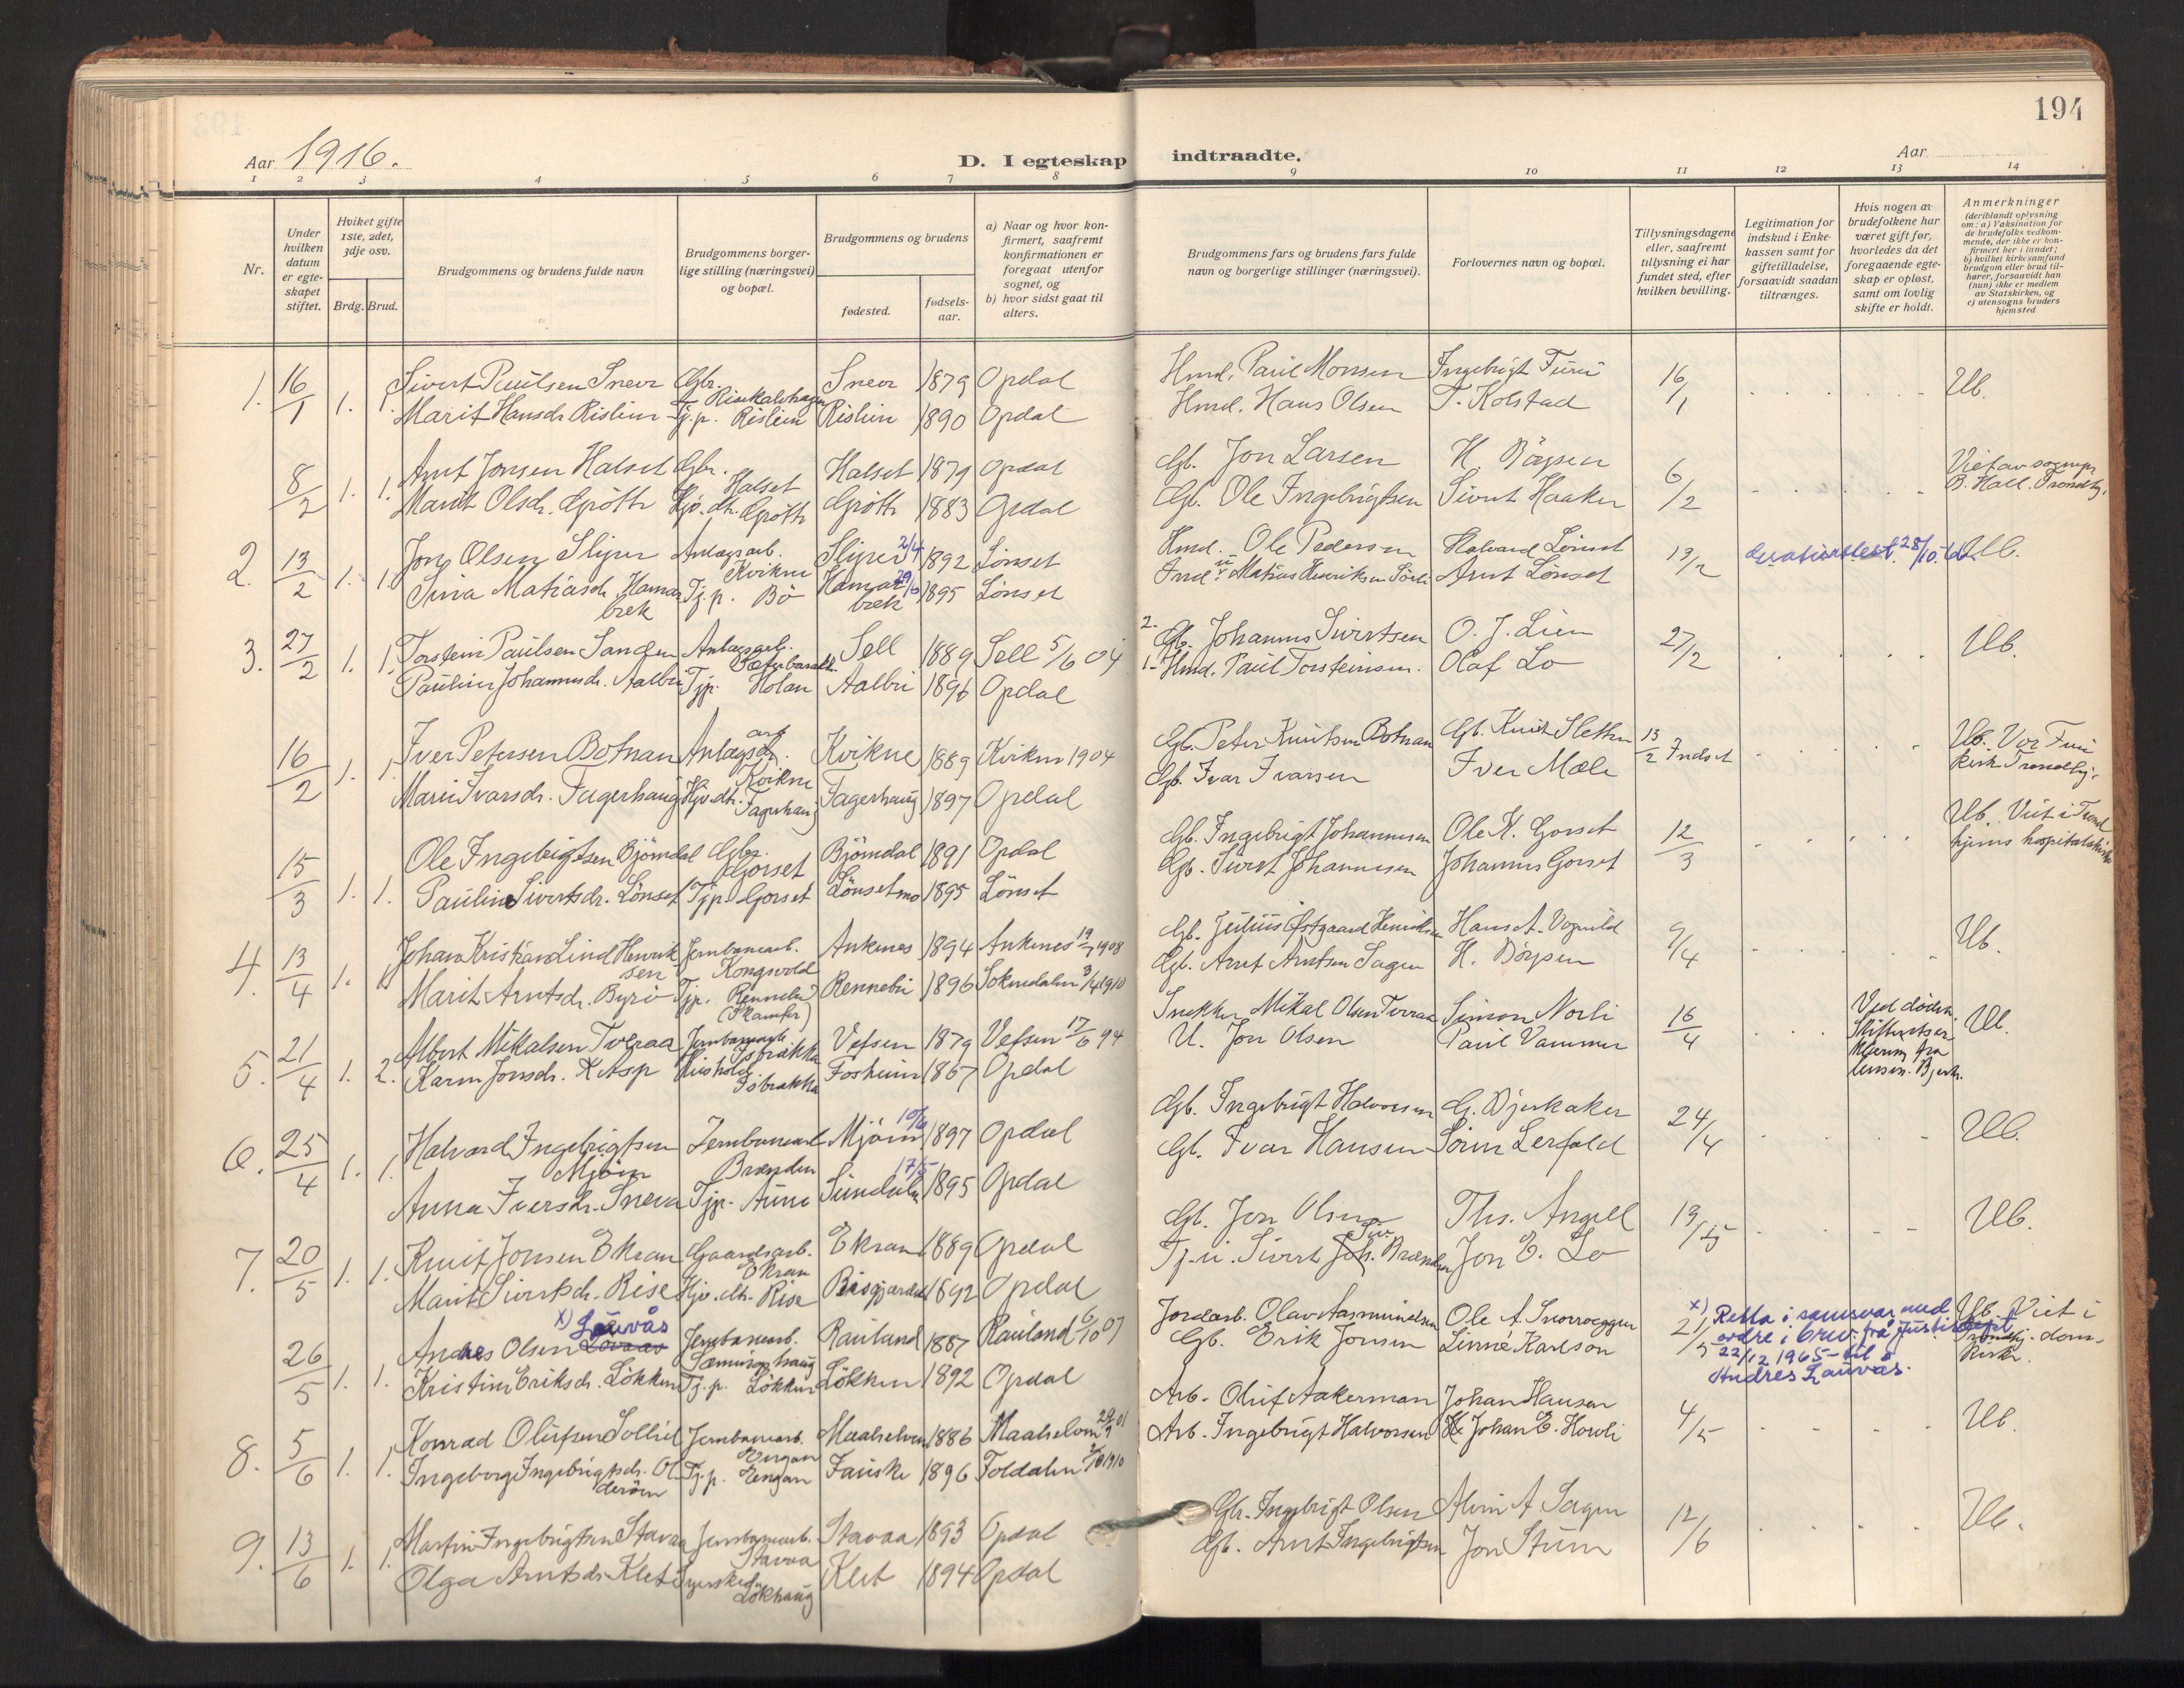 SAT, Ministerialprotokoller, klokkerbøker og fødselsregistre - Sør-Trøndelag, 678/L0909: Ministerialbok nr. 678A17, 1912-1930, s. 194